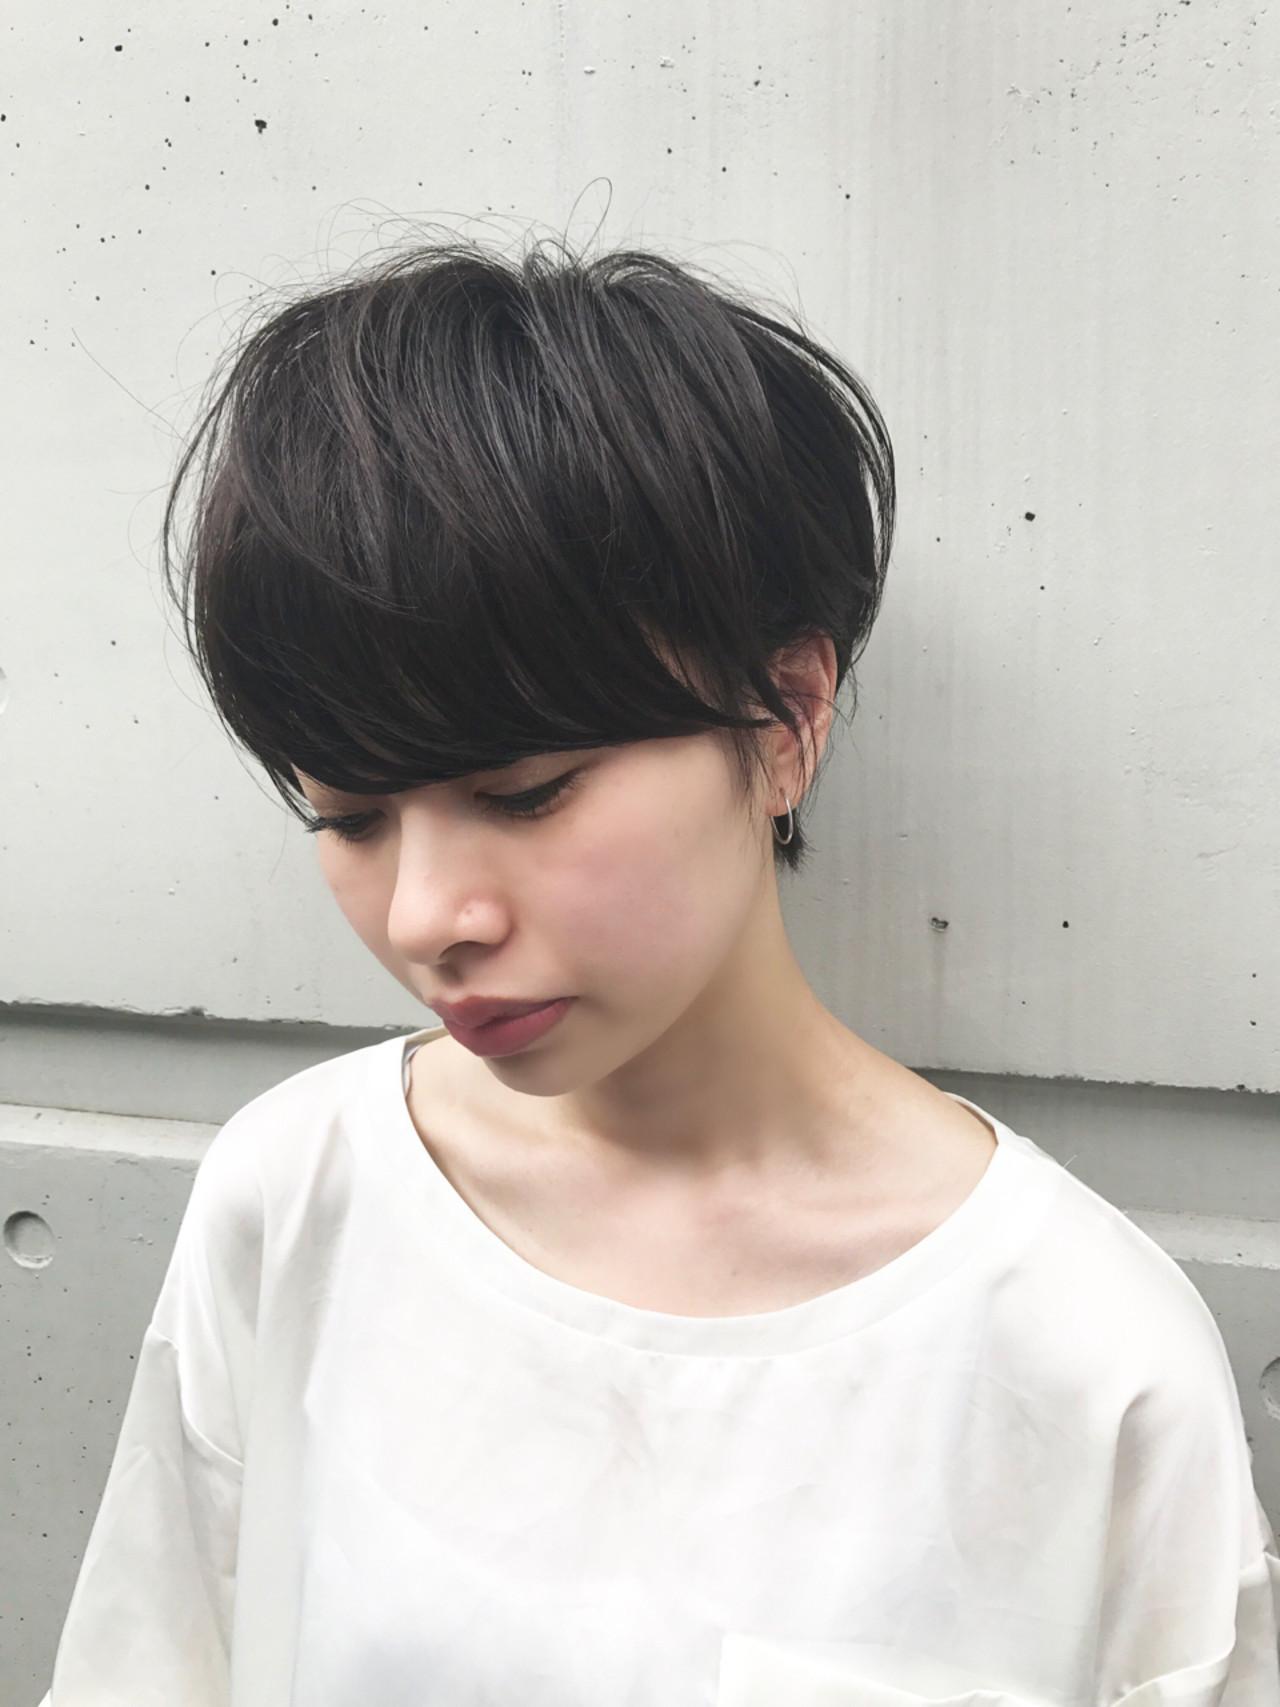 前髪あり ナチュラル 抜け感 ショート ヘアスタイルや髪型の写真・画像